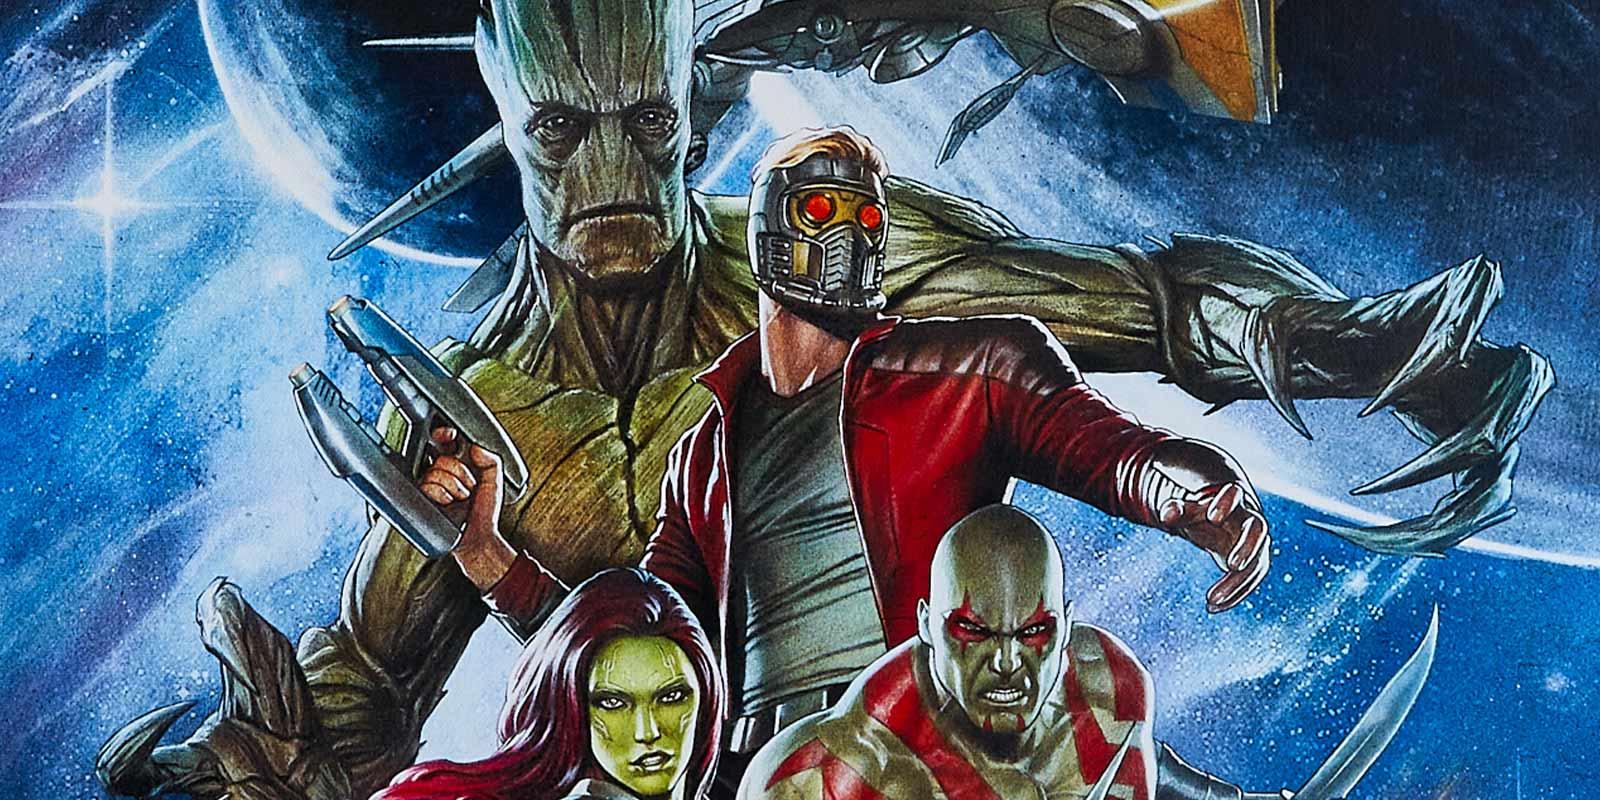 Adi Granov Marvel Artist Artwork